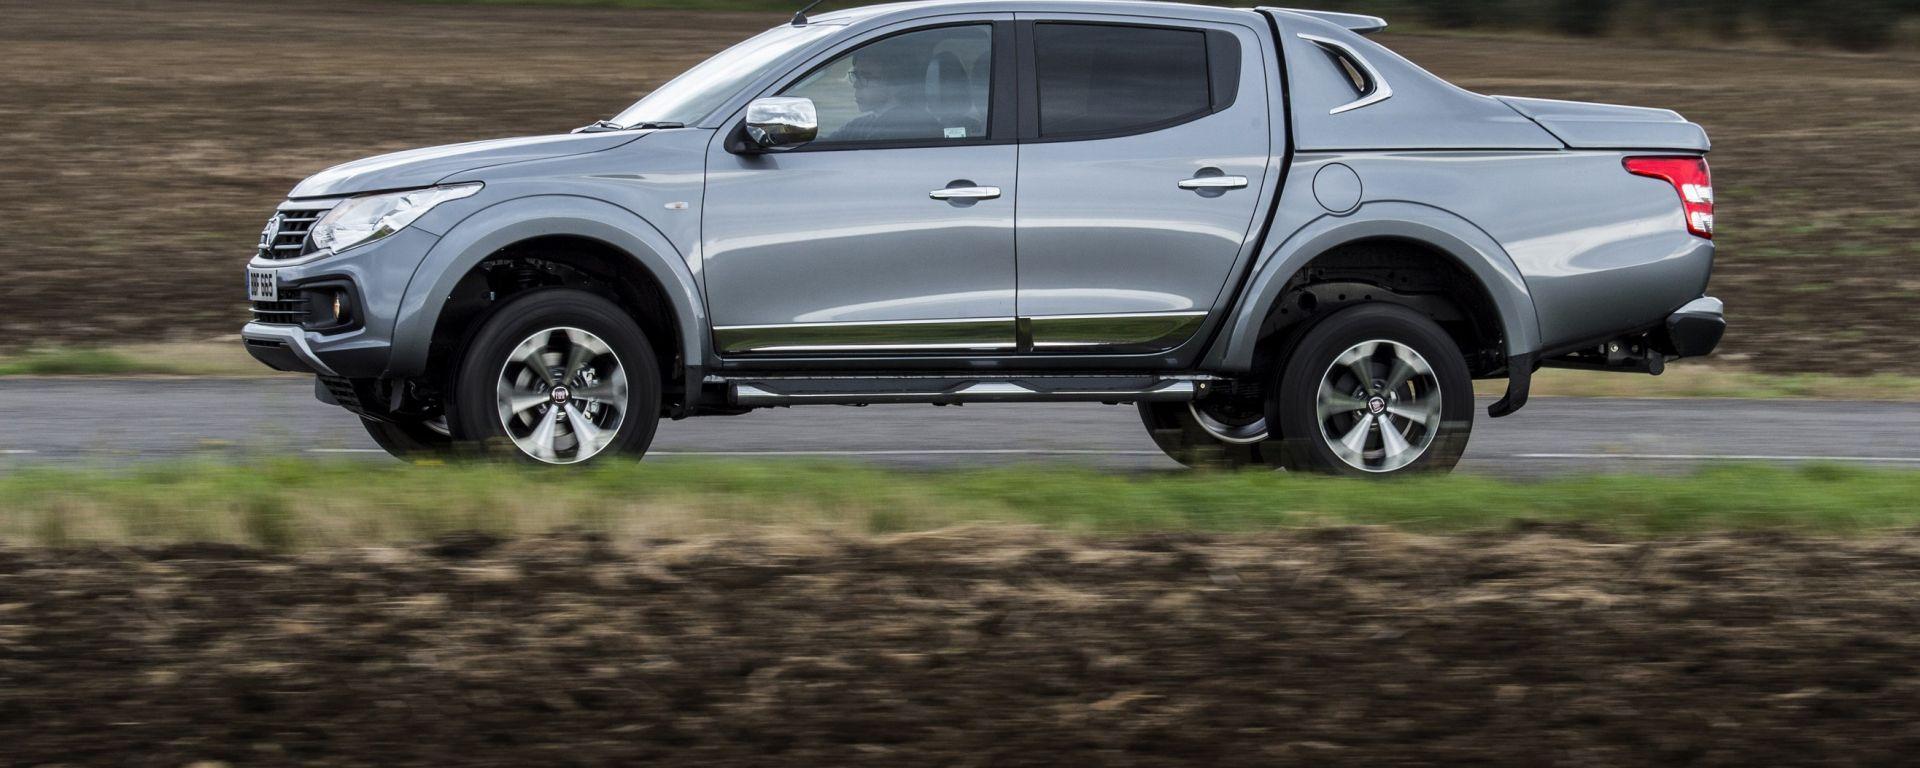 Fiat Fullback è pronto a lasciare il mercato UK